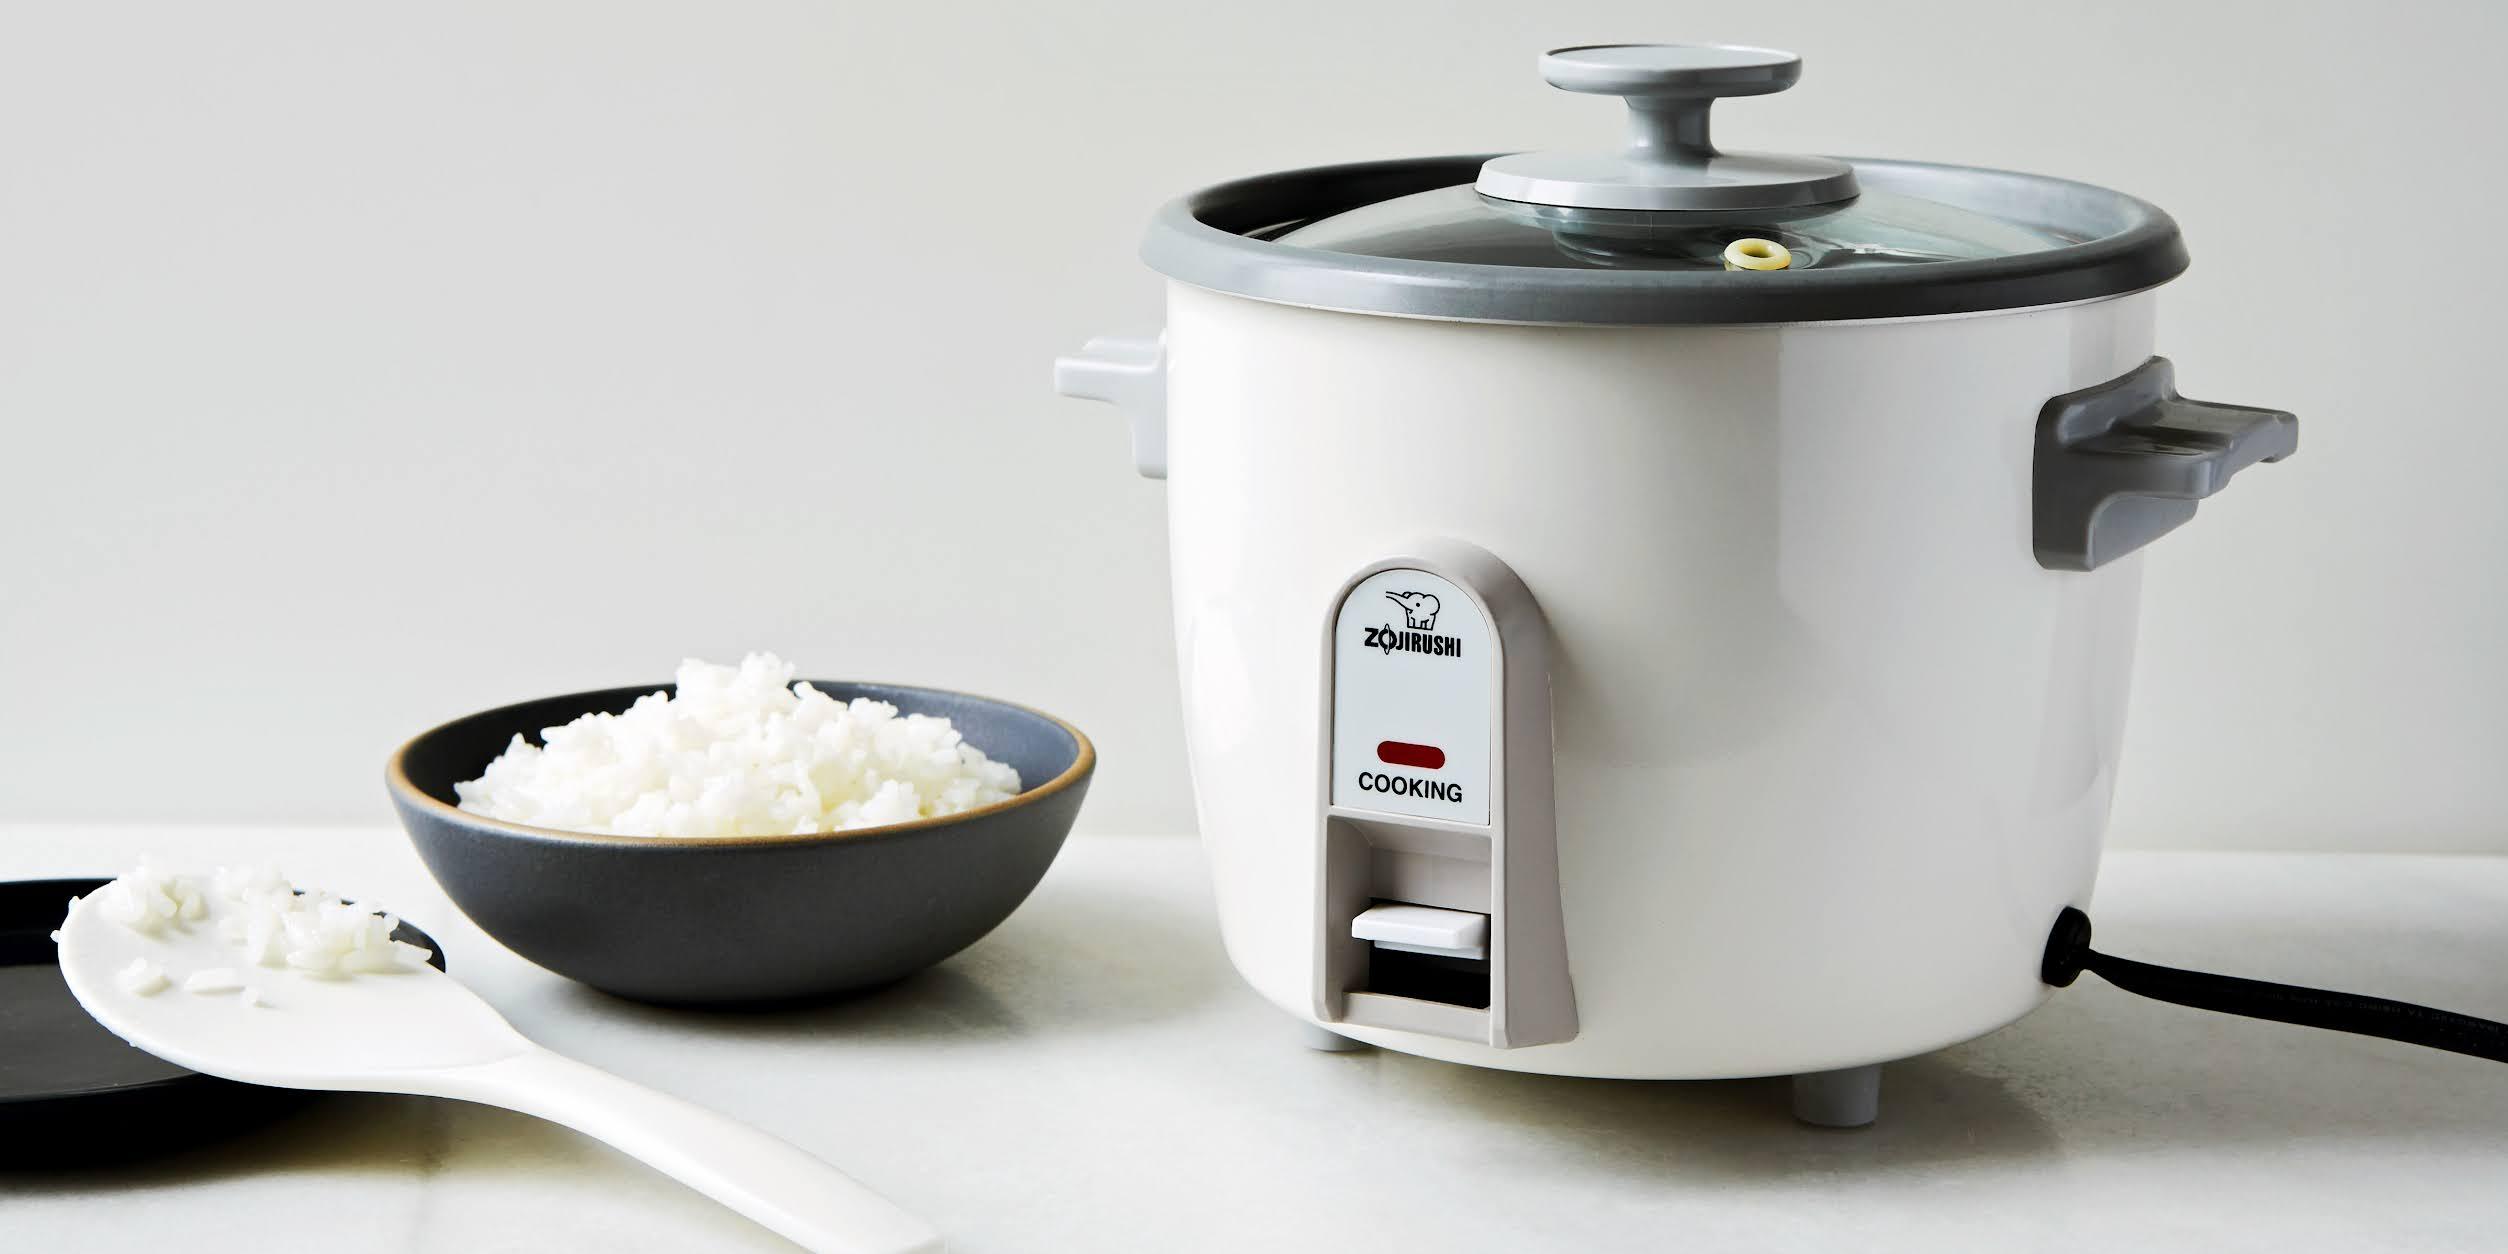 4 Kegunaan Penanak Nasi, Selain untuk Menanak Nasi